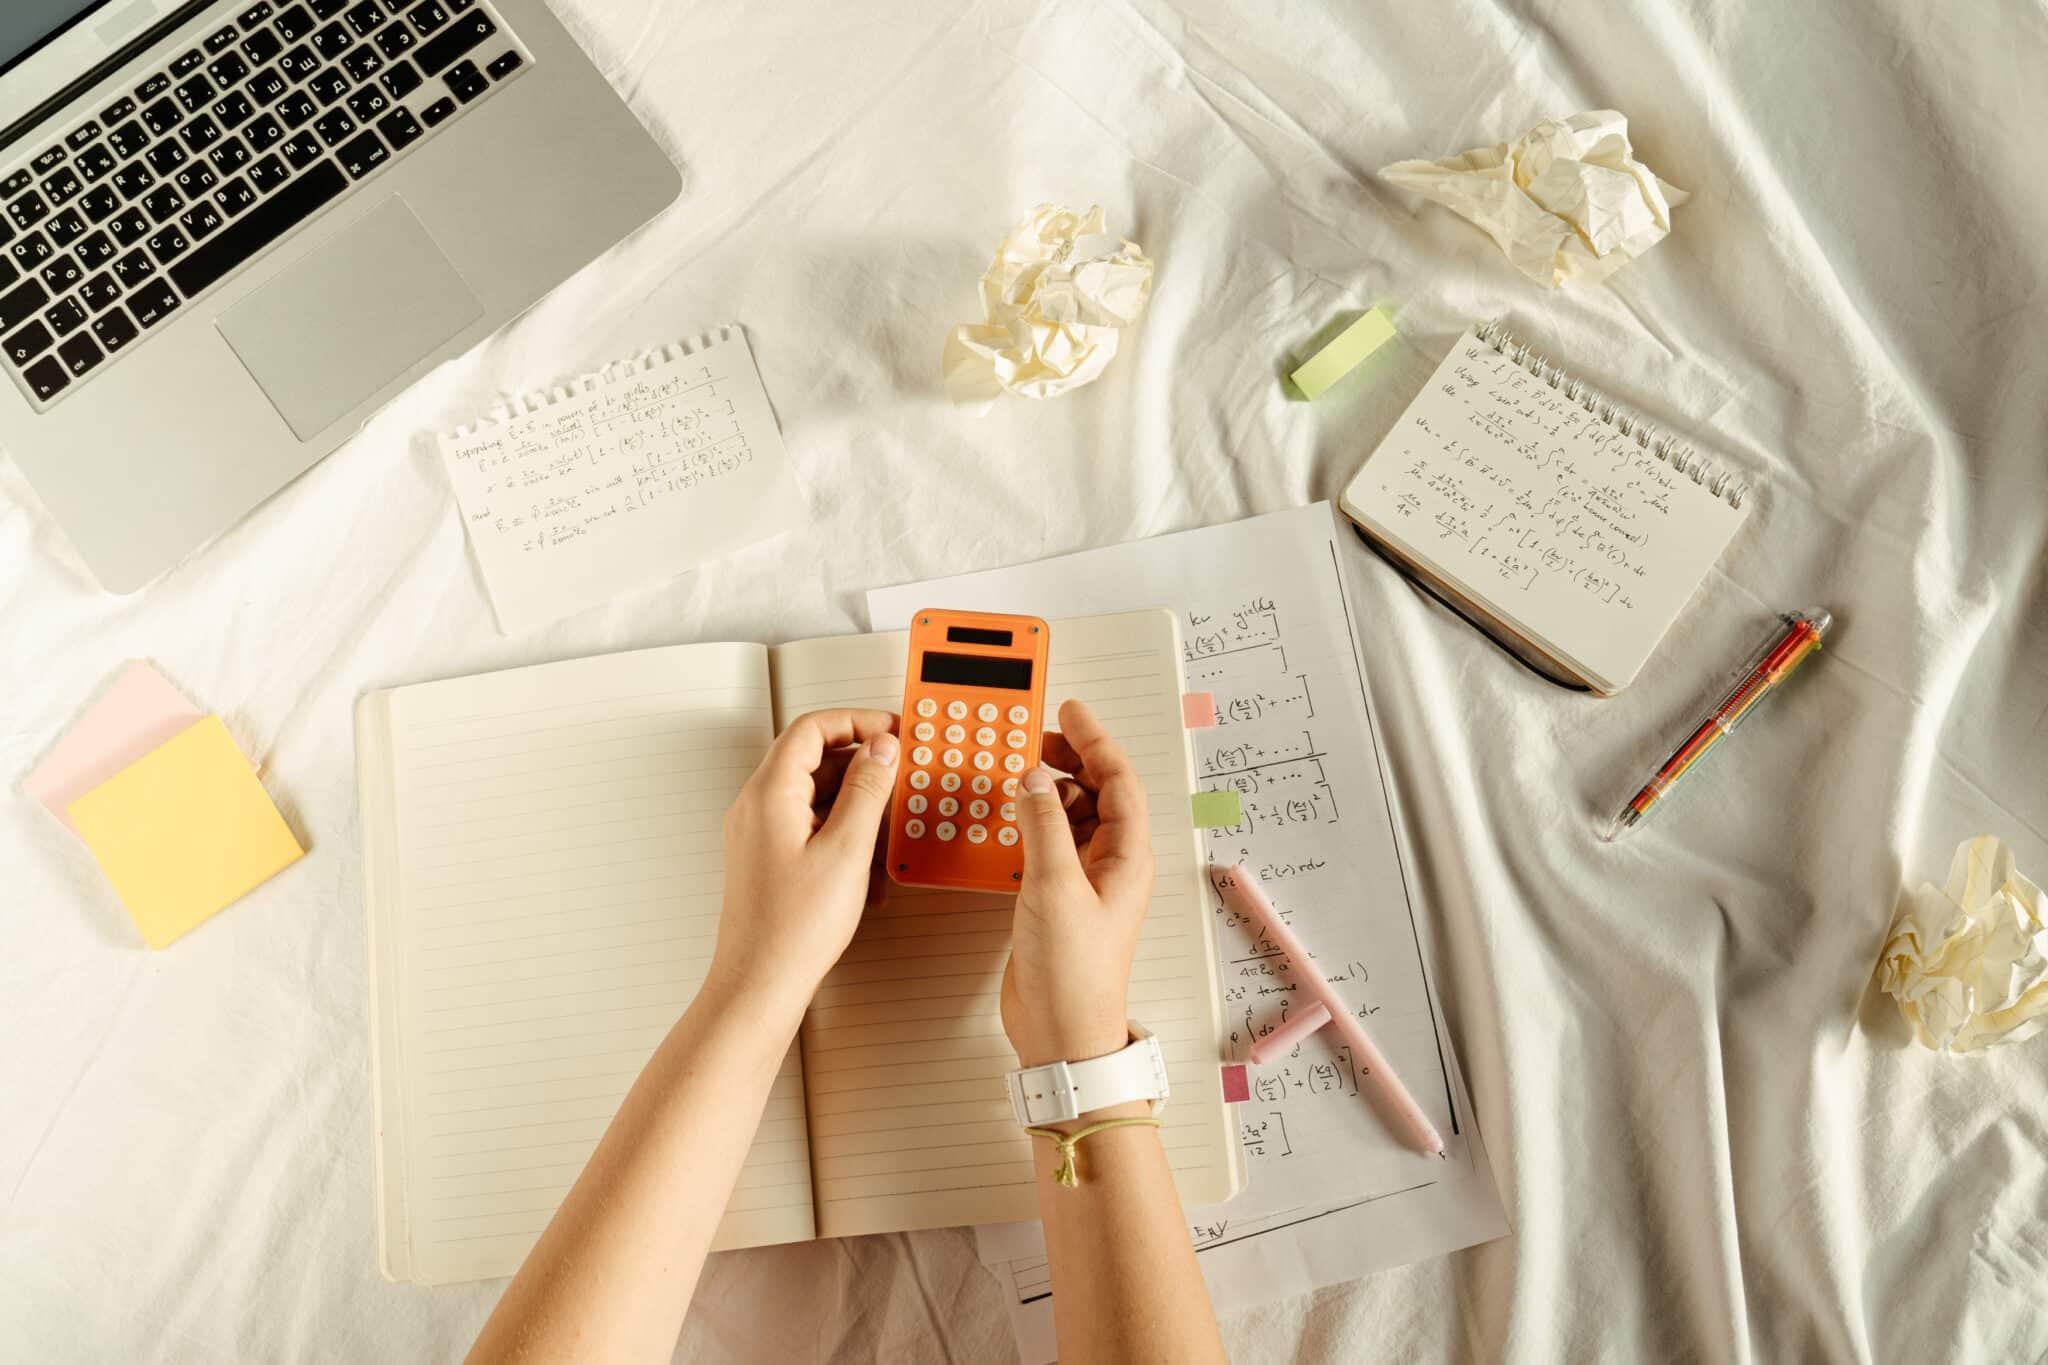 Pensión Compensatoria: esto es todo lo que debes saber